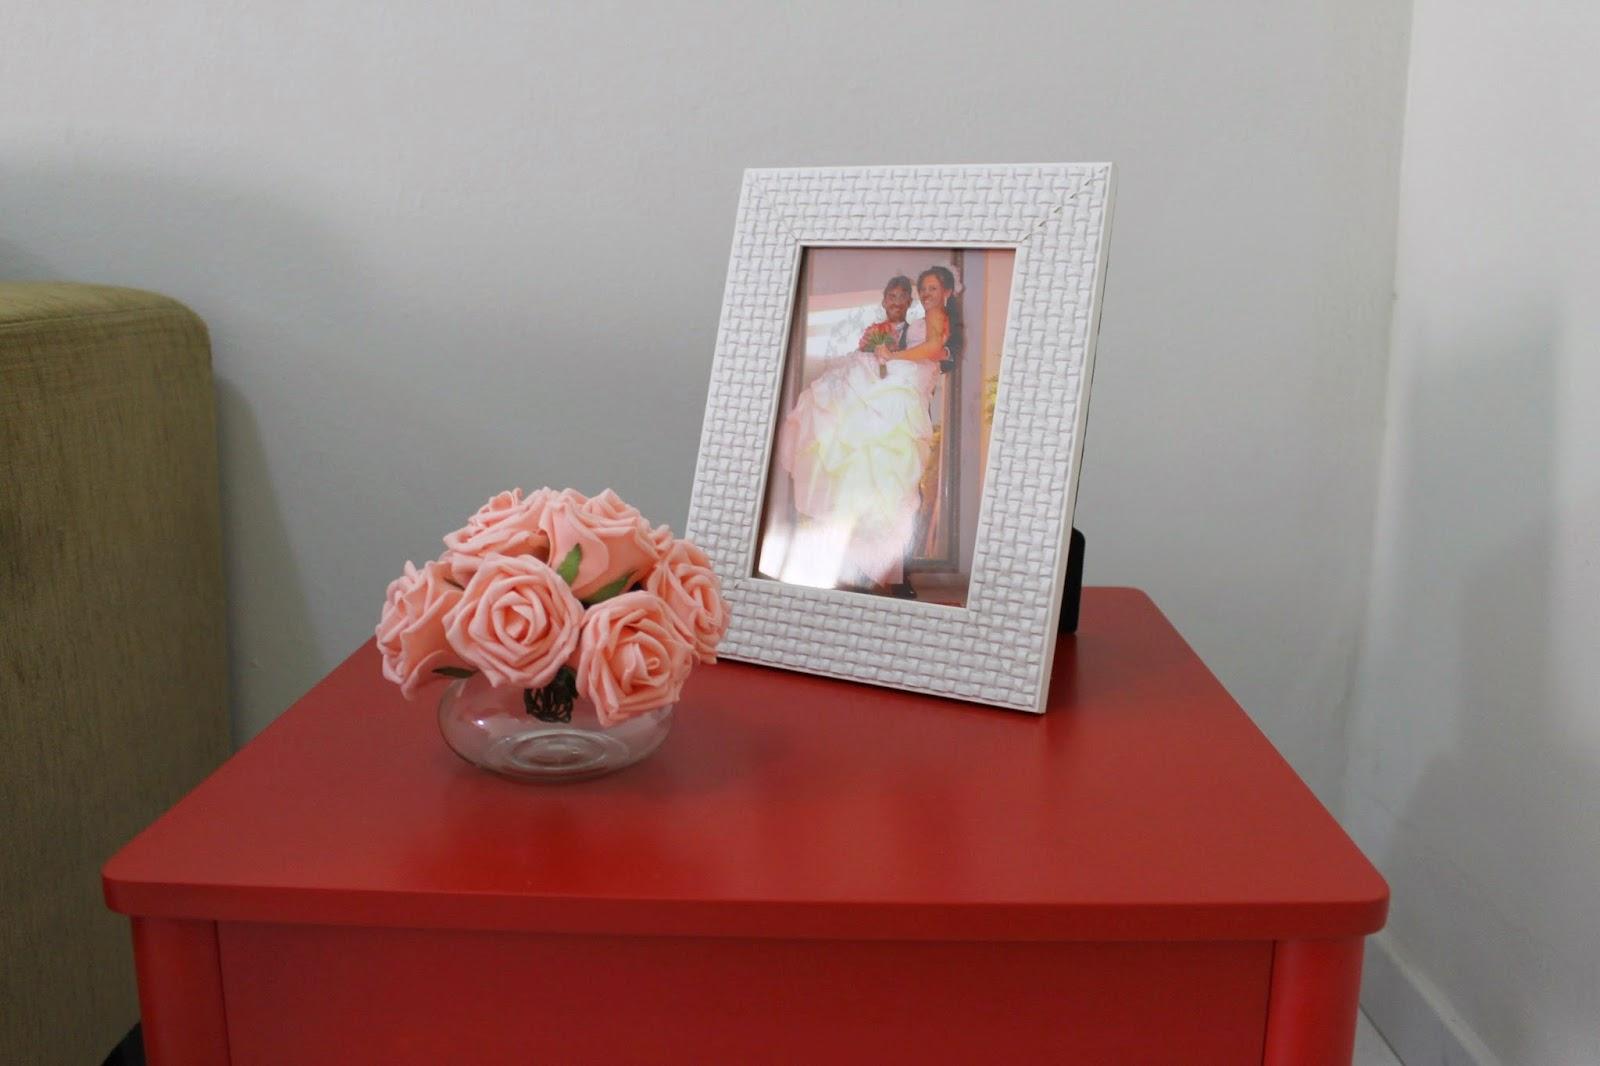 Mesa de canto vermelha